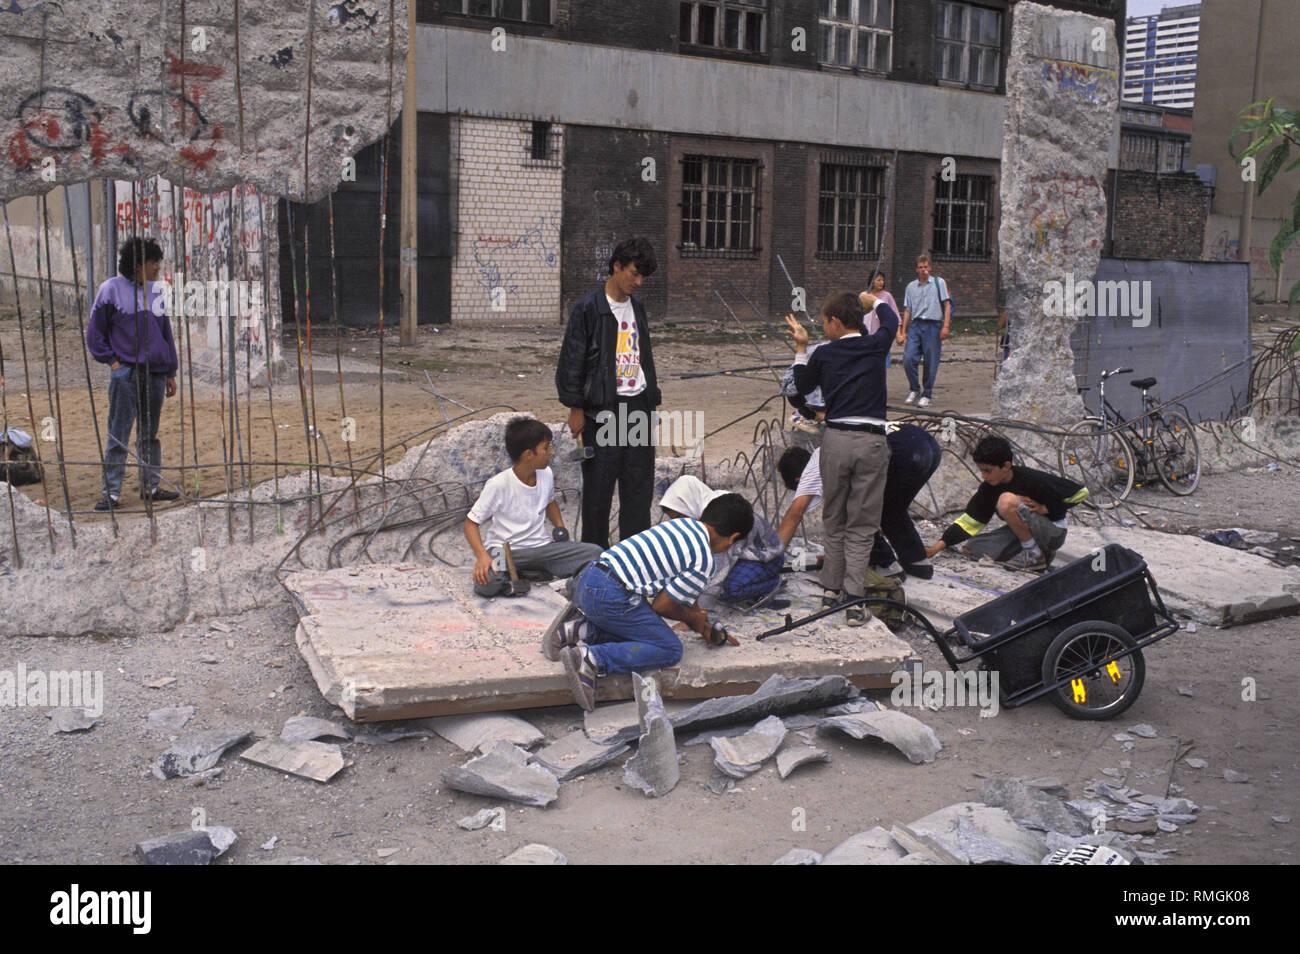 À la frontière de l'ancien 'Checkpoint Charlie' dans le quartier de Kreuzberg, jeunes turcs vendent des morceaux du mur de Berlin pour les touristes. Photo Stock